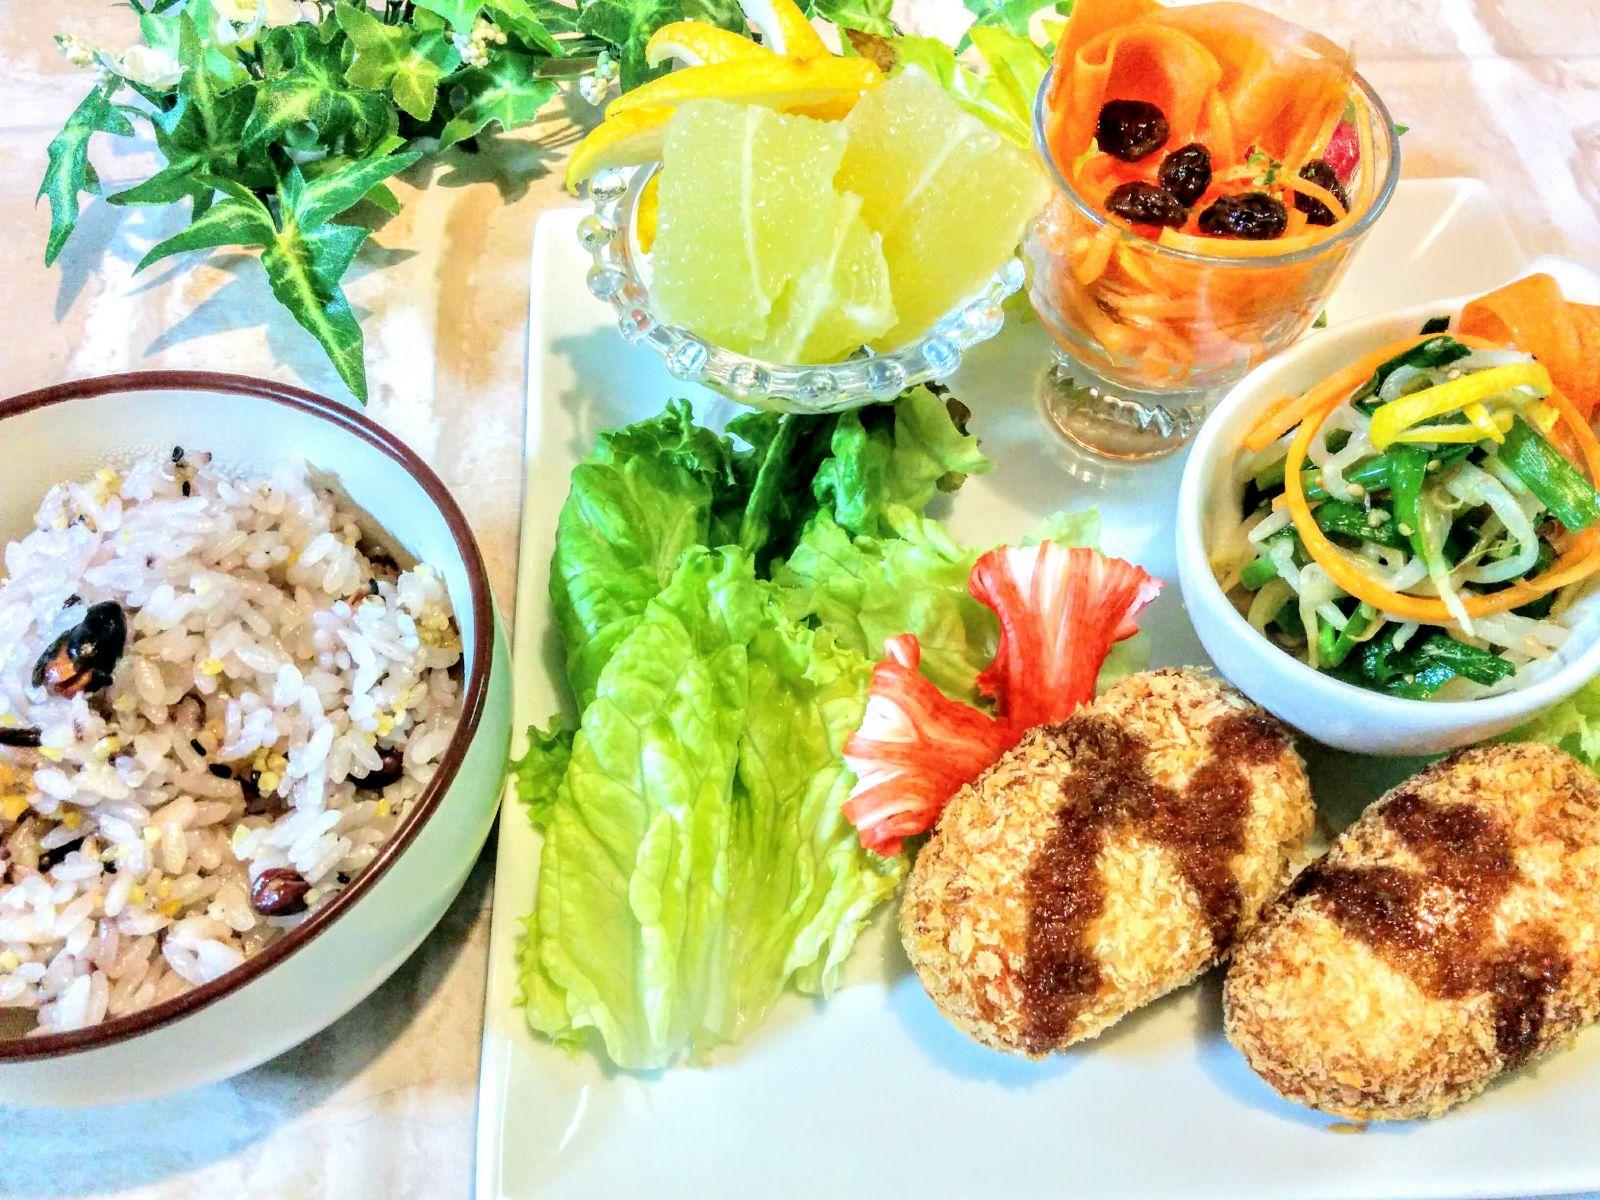 【小樽】お家御飯・長芋とおからのヘルシーコロッケです。